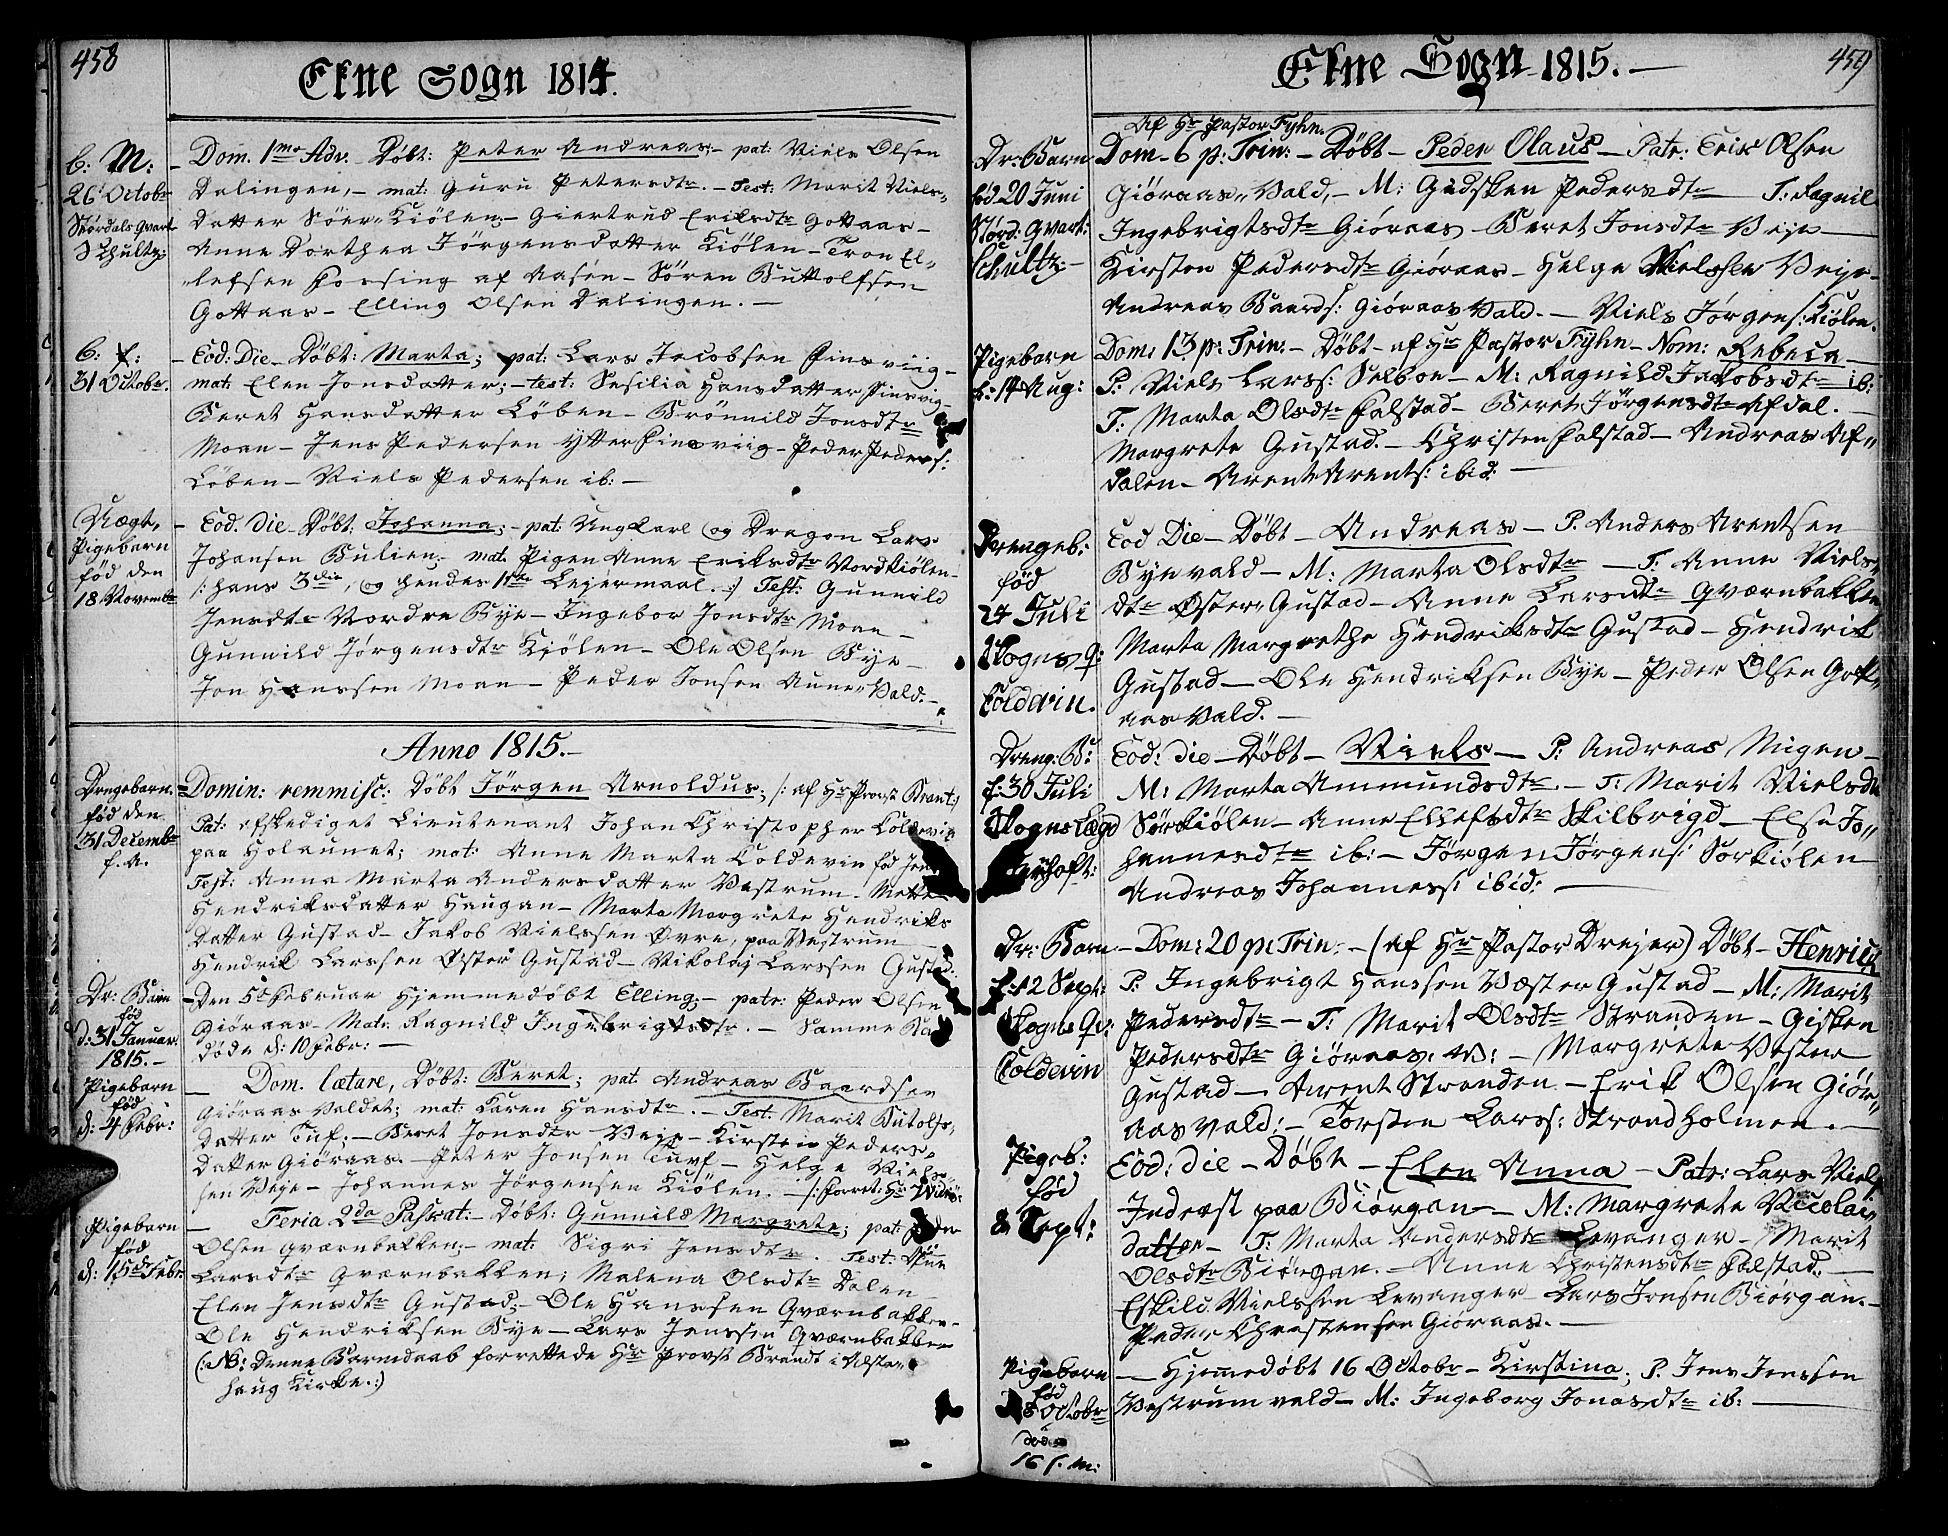 SAT, Ministerialprotokoller, klokkerbøker og fødselsregistre - Nord-Trøndelag, 717/L0145: Ministerialbok nr. 717A03 /2, 1810-1815, s. 458-459